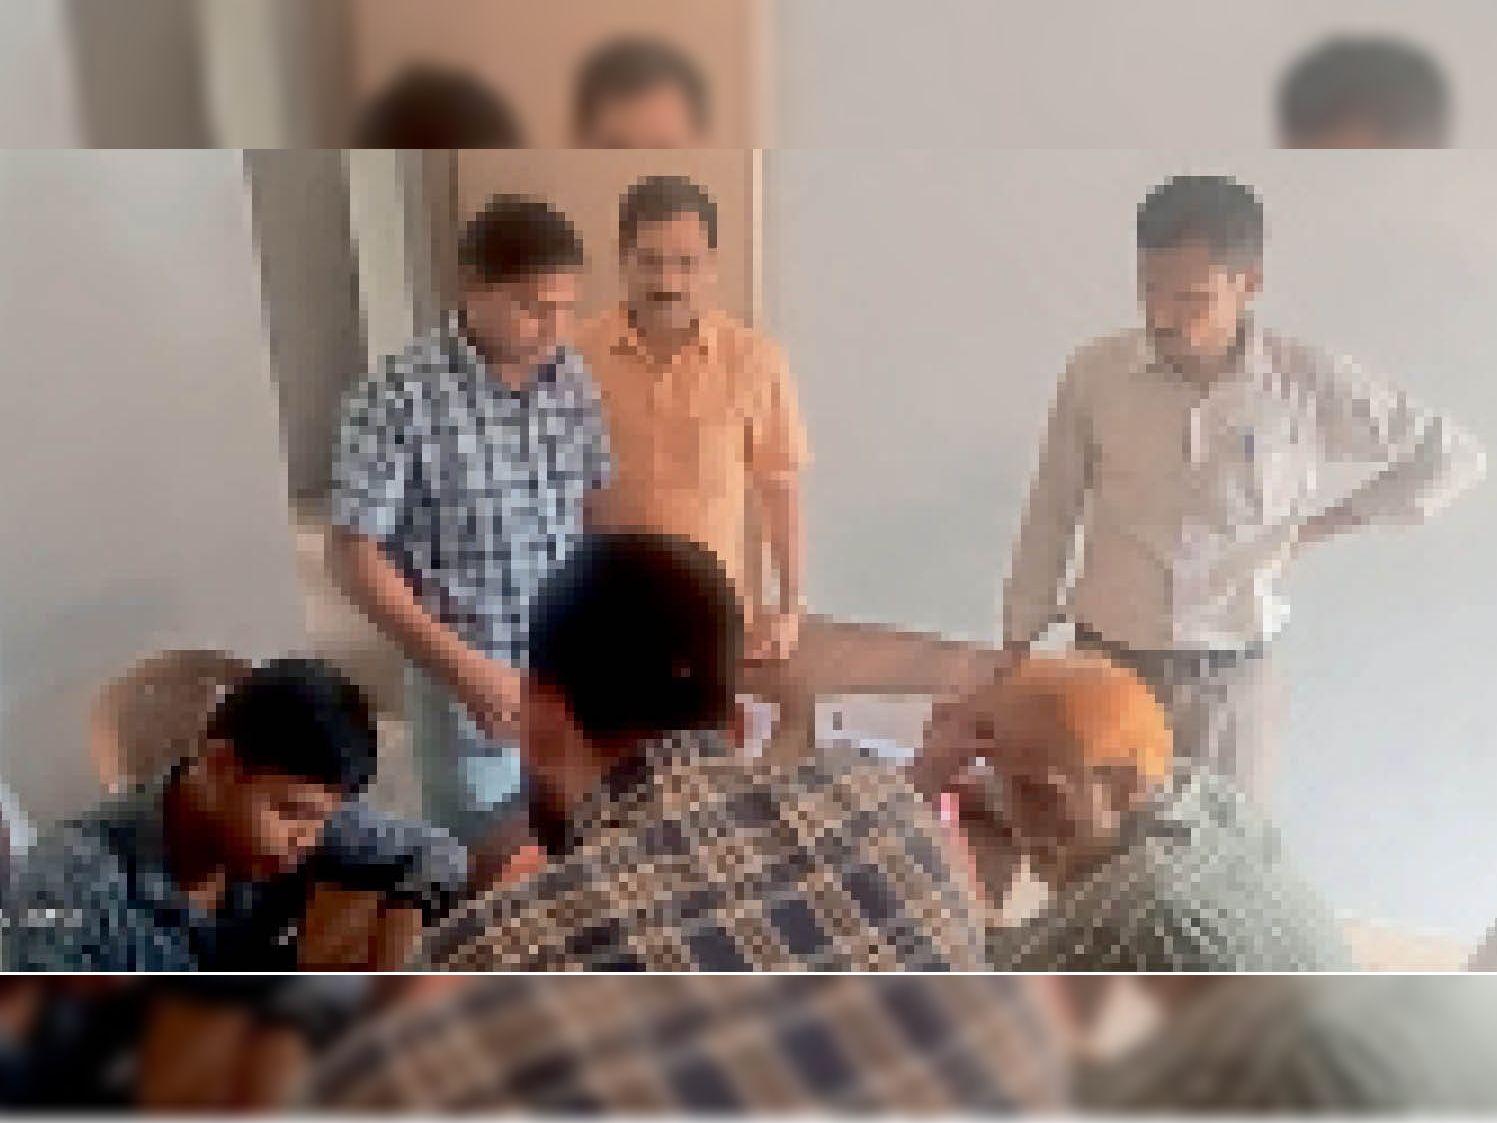 पटवारी कार्यालय में पहुंचे किसान। - Dainik Bhaskar